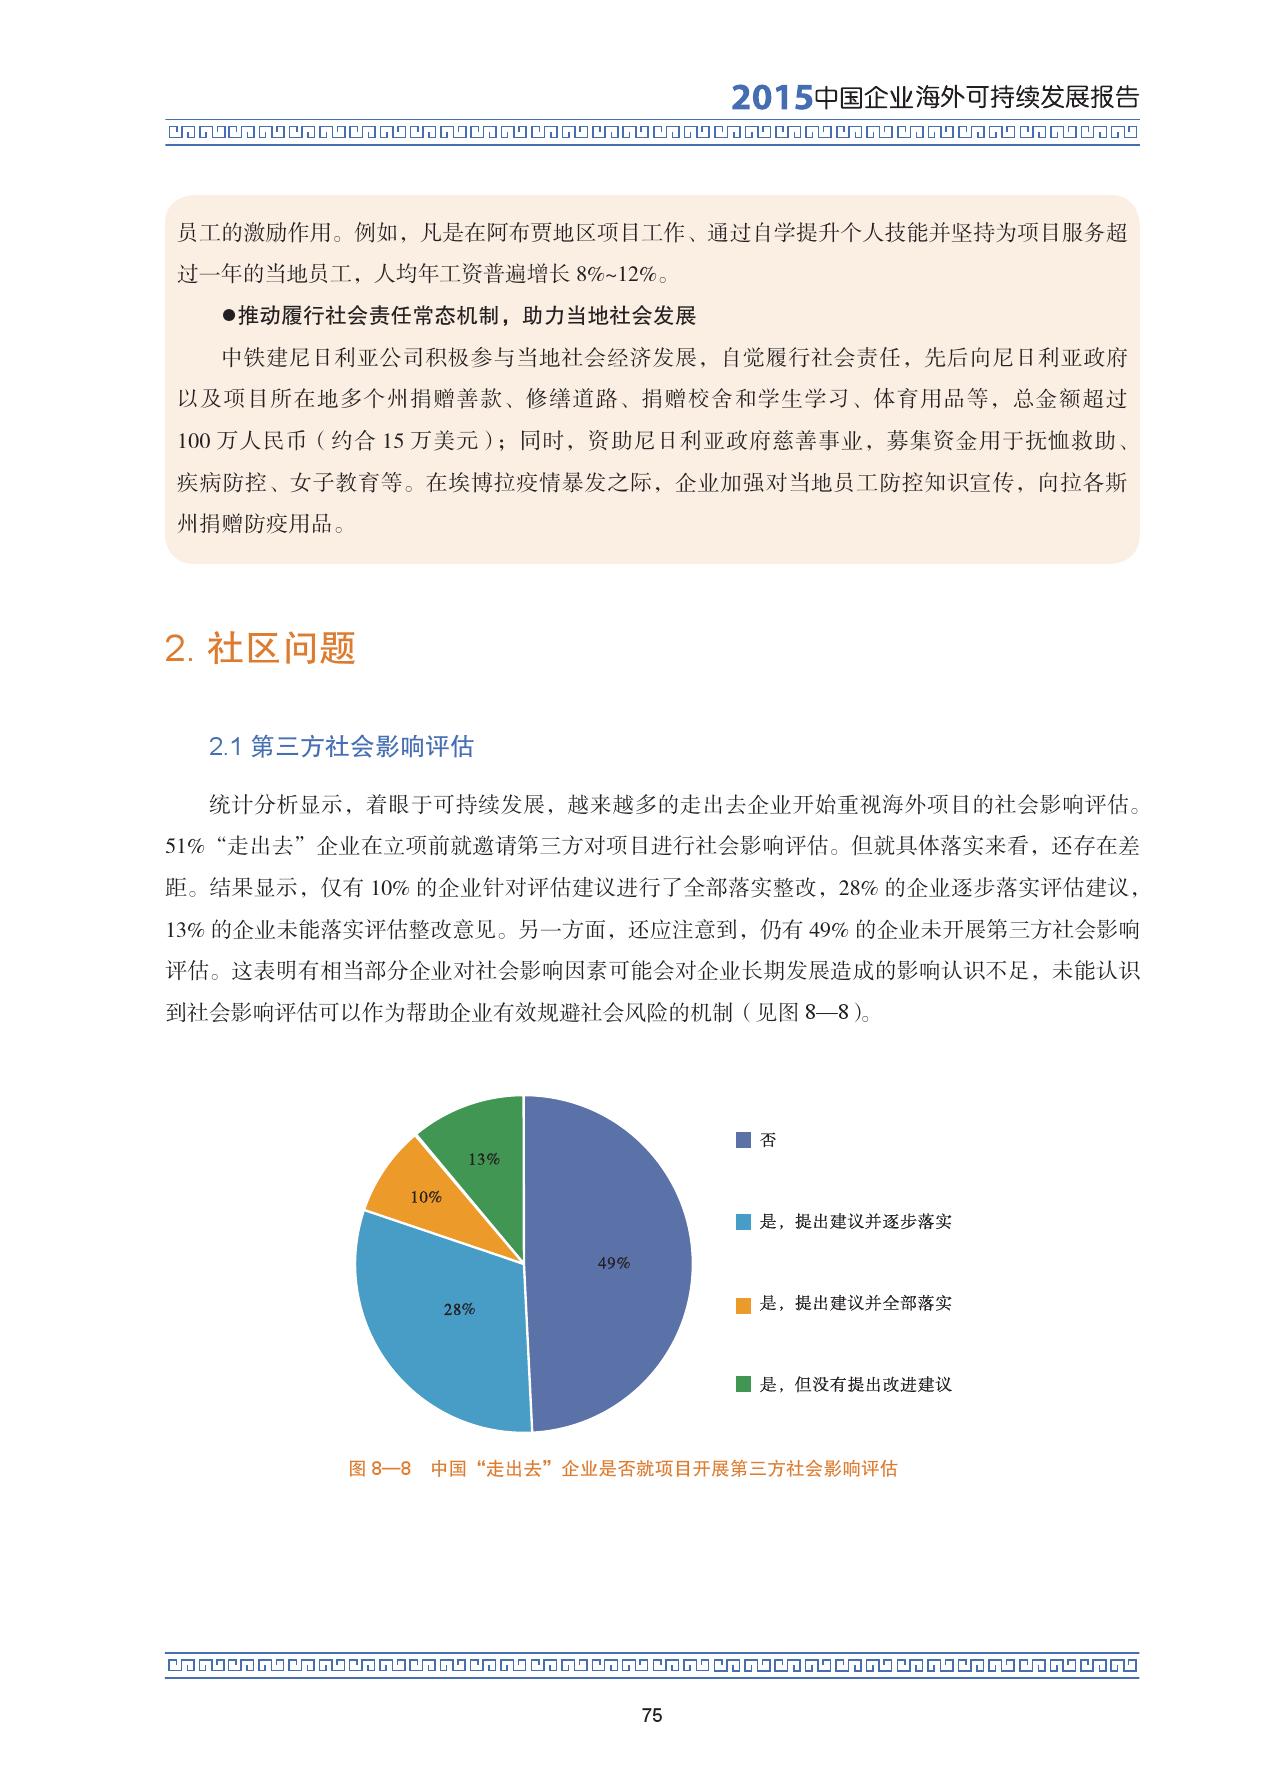 2015中国企业海外可持续发展报告_000089